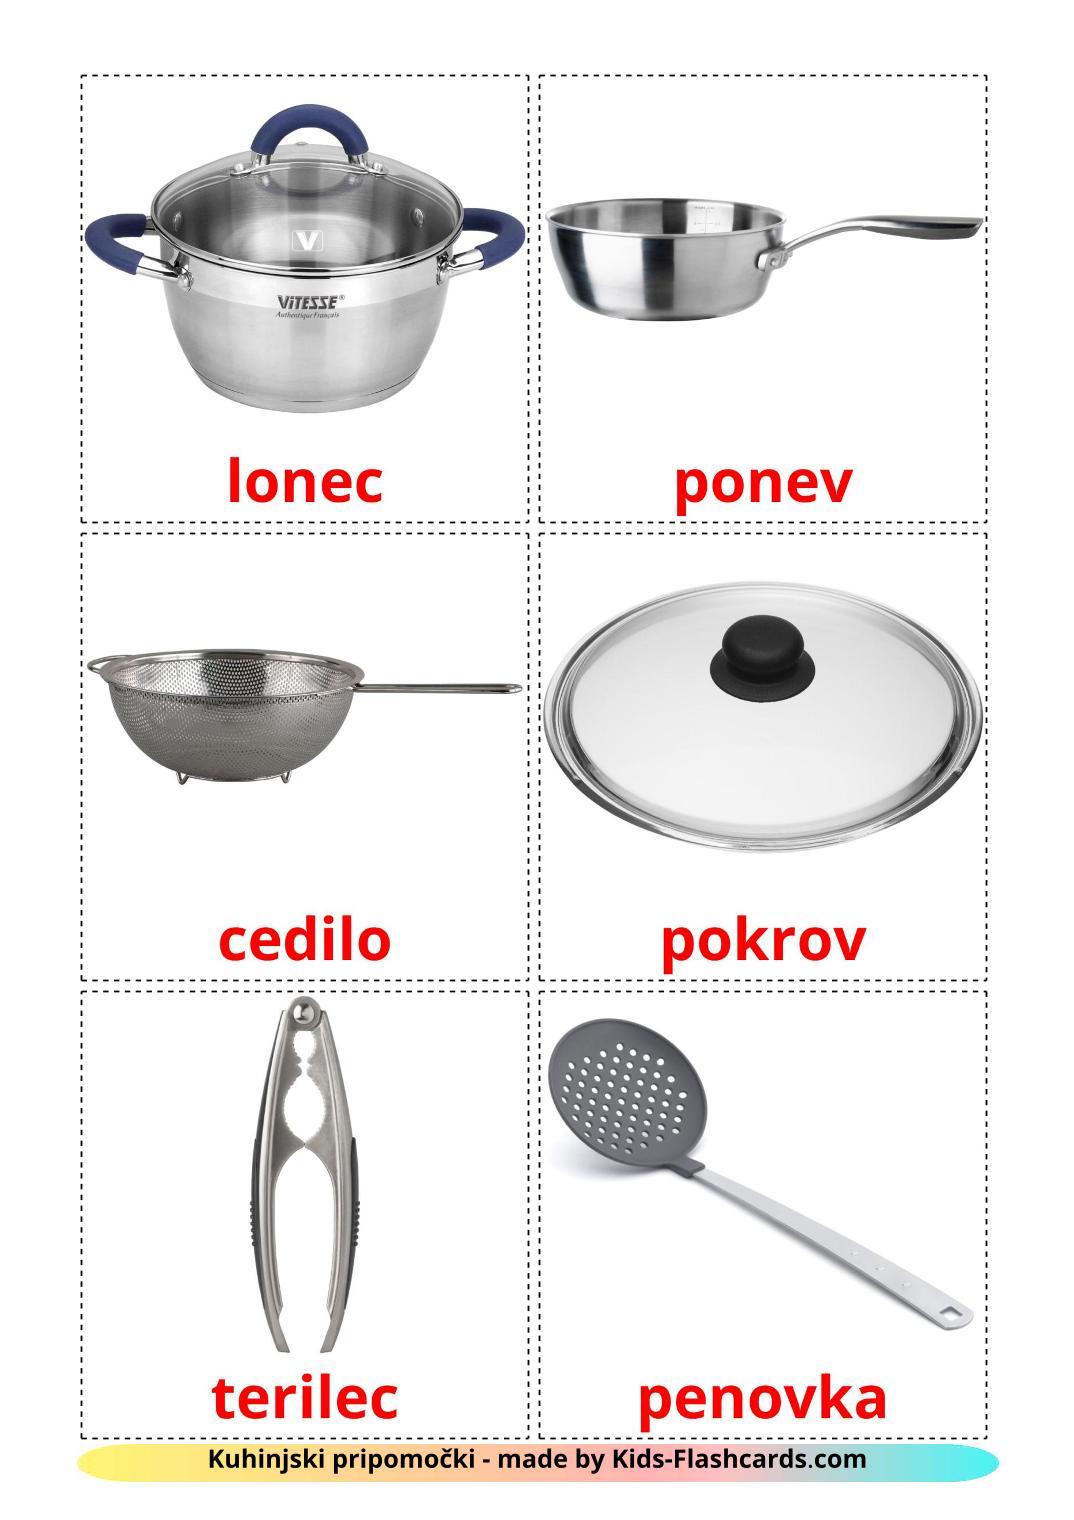 Kitchenware - 35 Free Printable slovenian Flashcards